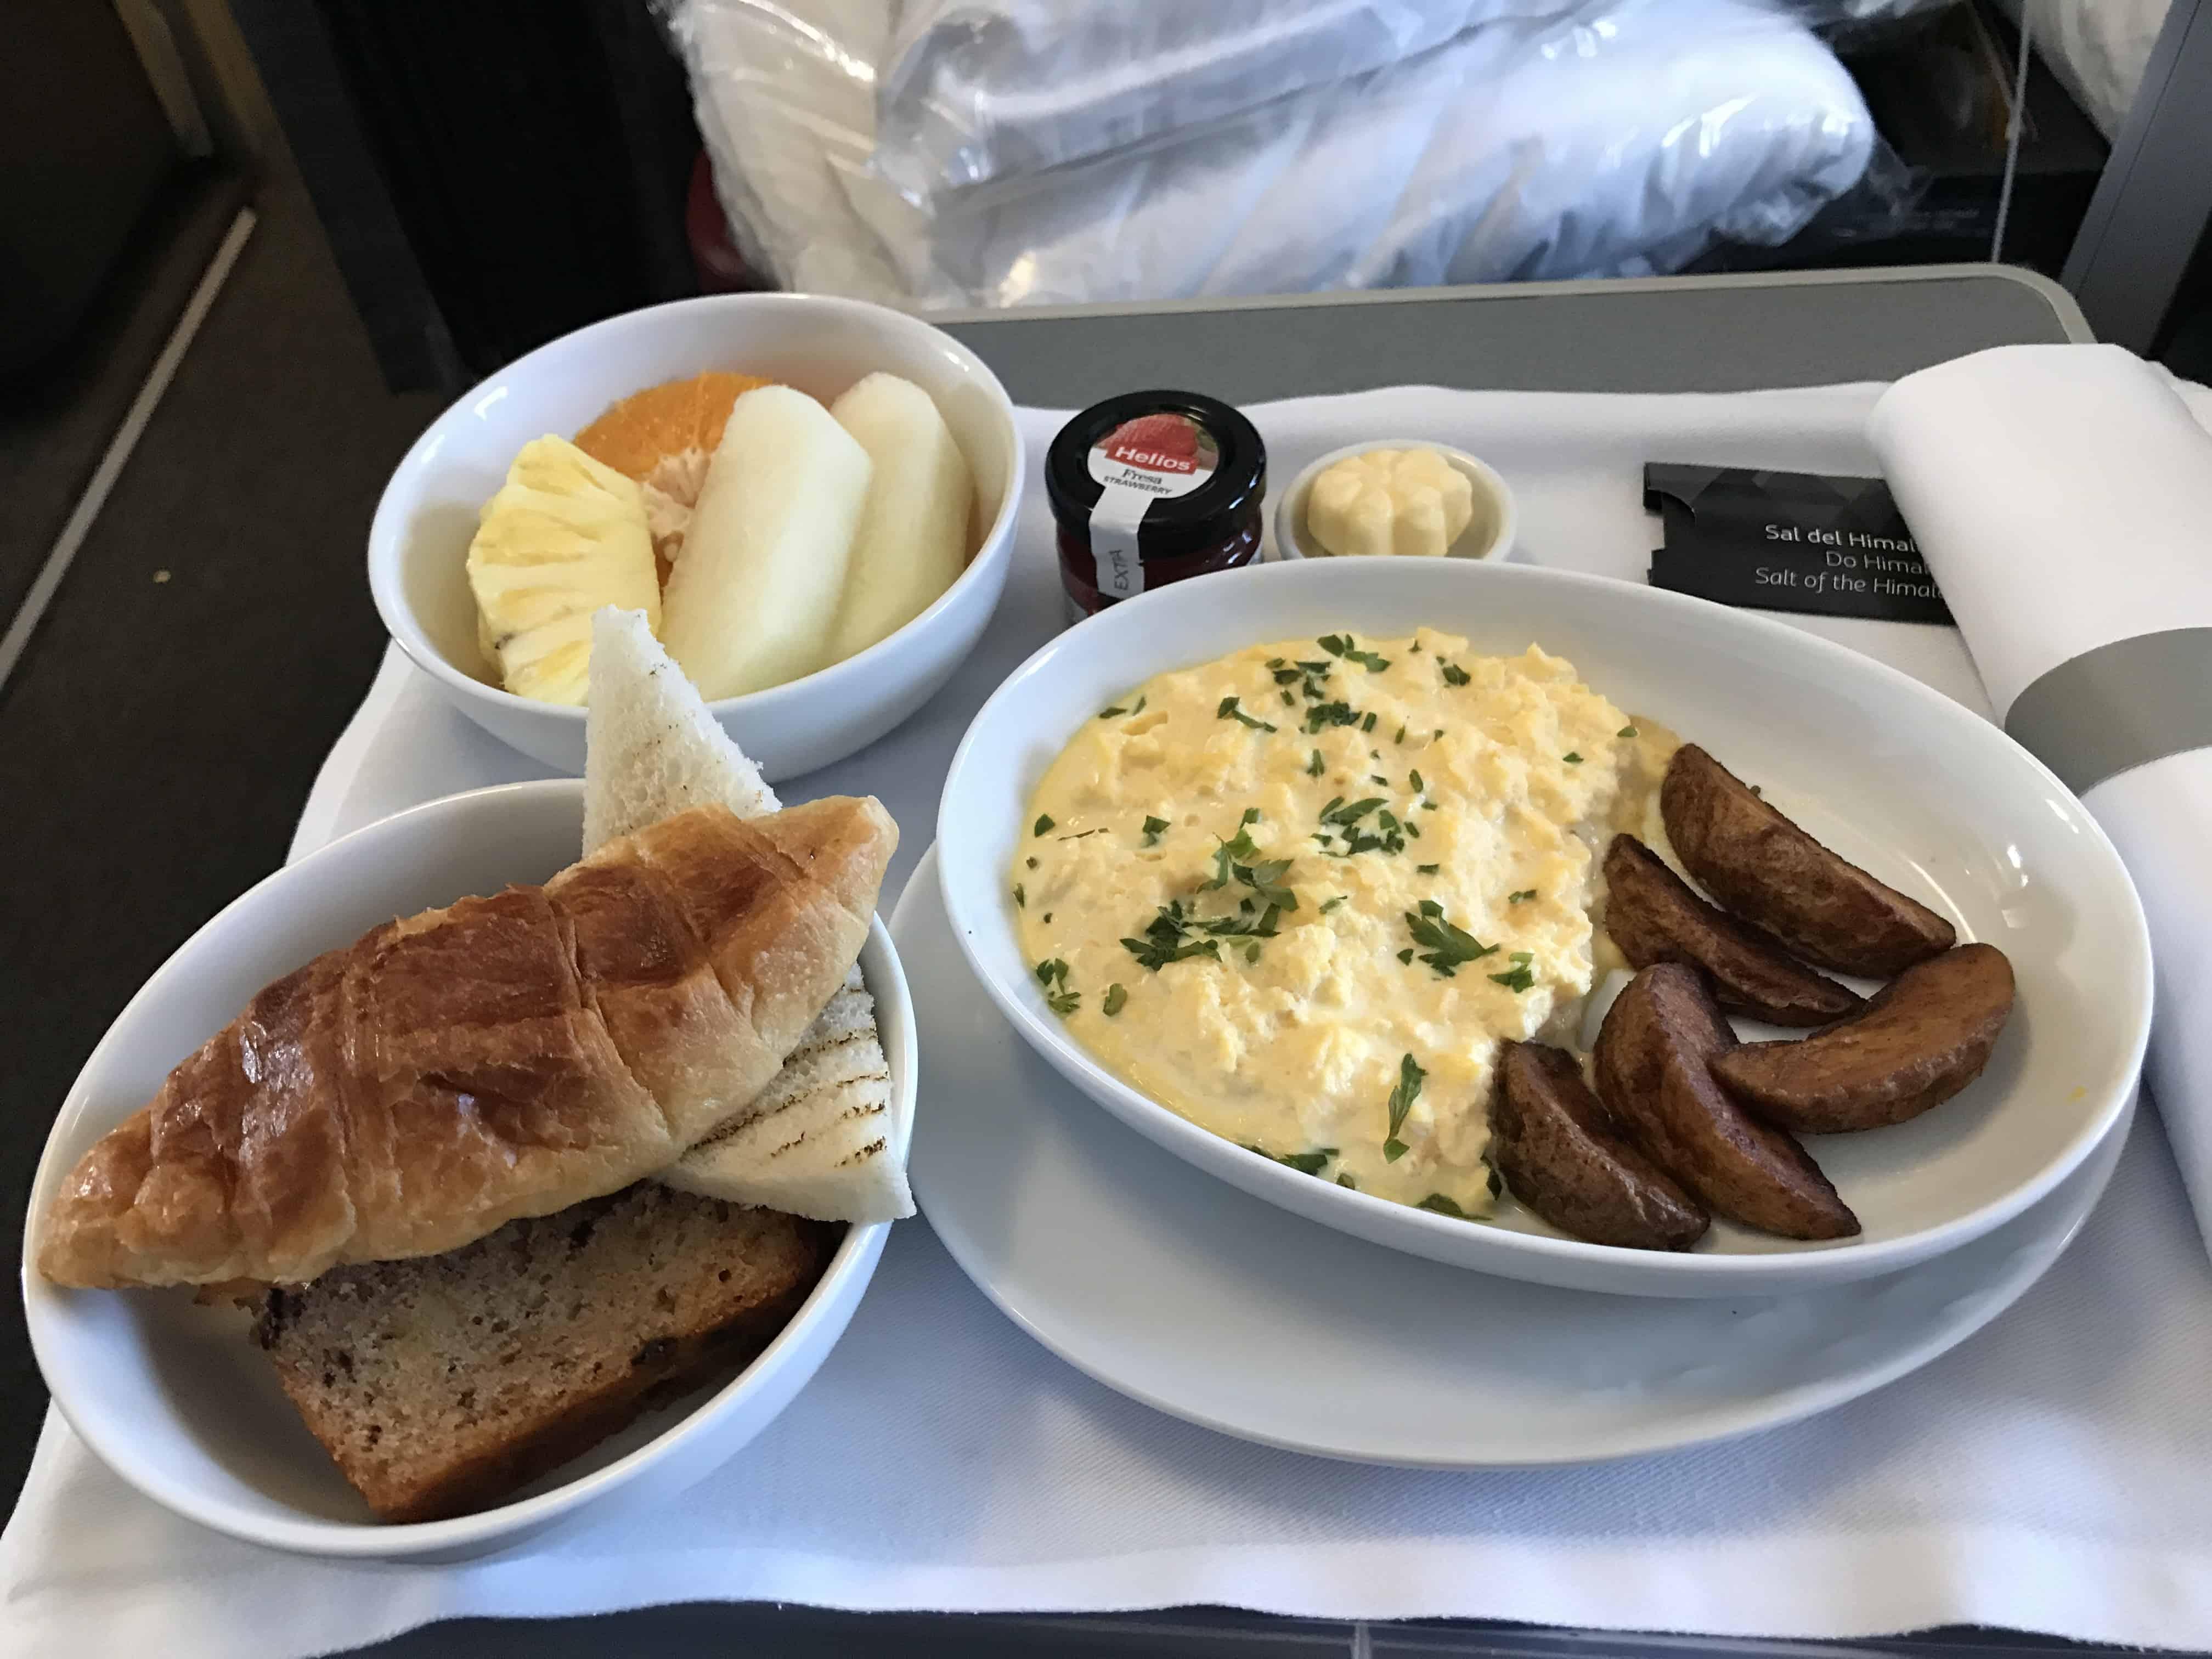 Das Frühstück in der LATAM Business Class.